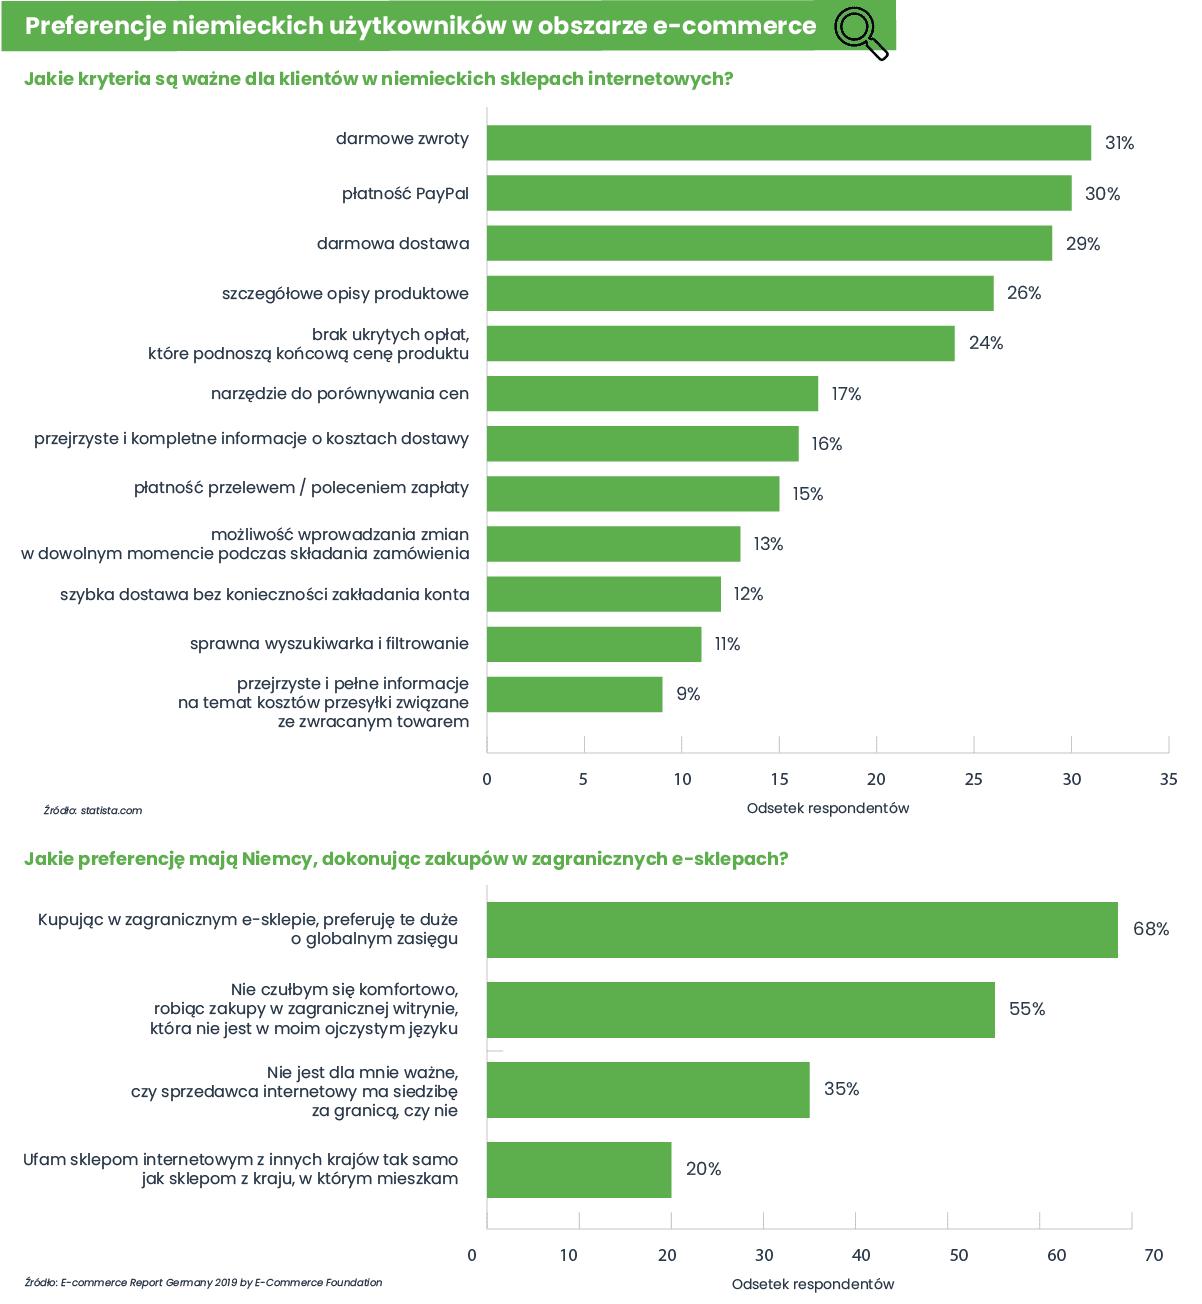 Preferencje niemieckich użytkowników w obszarze e-commerce